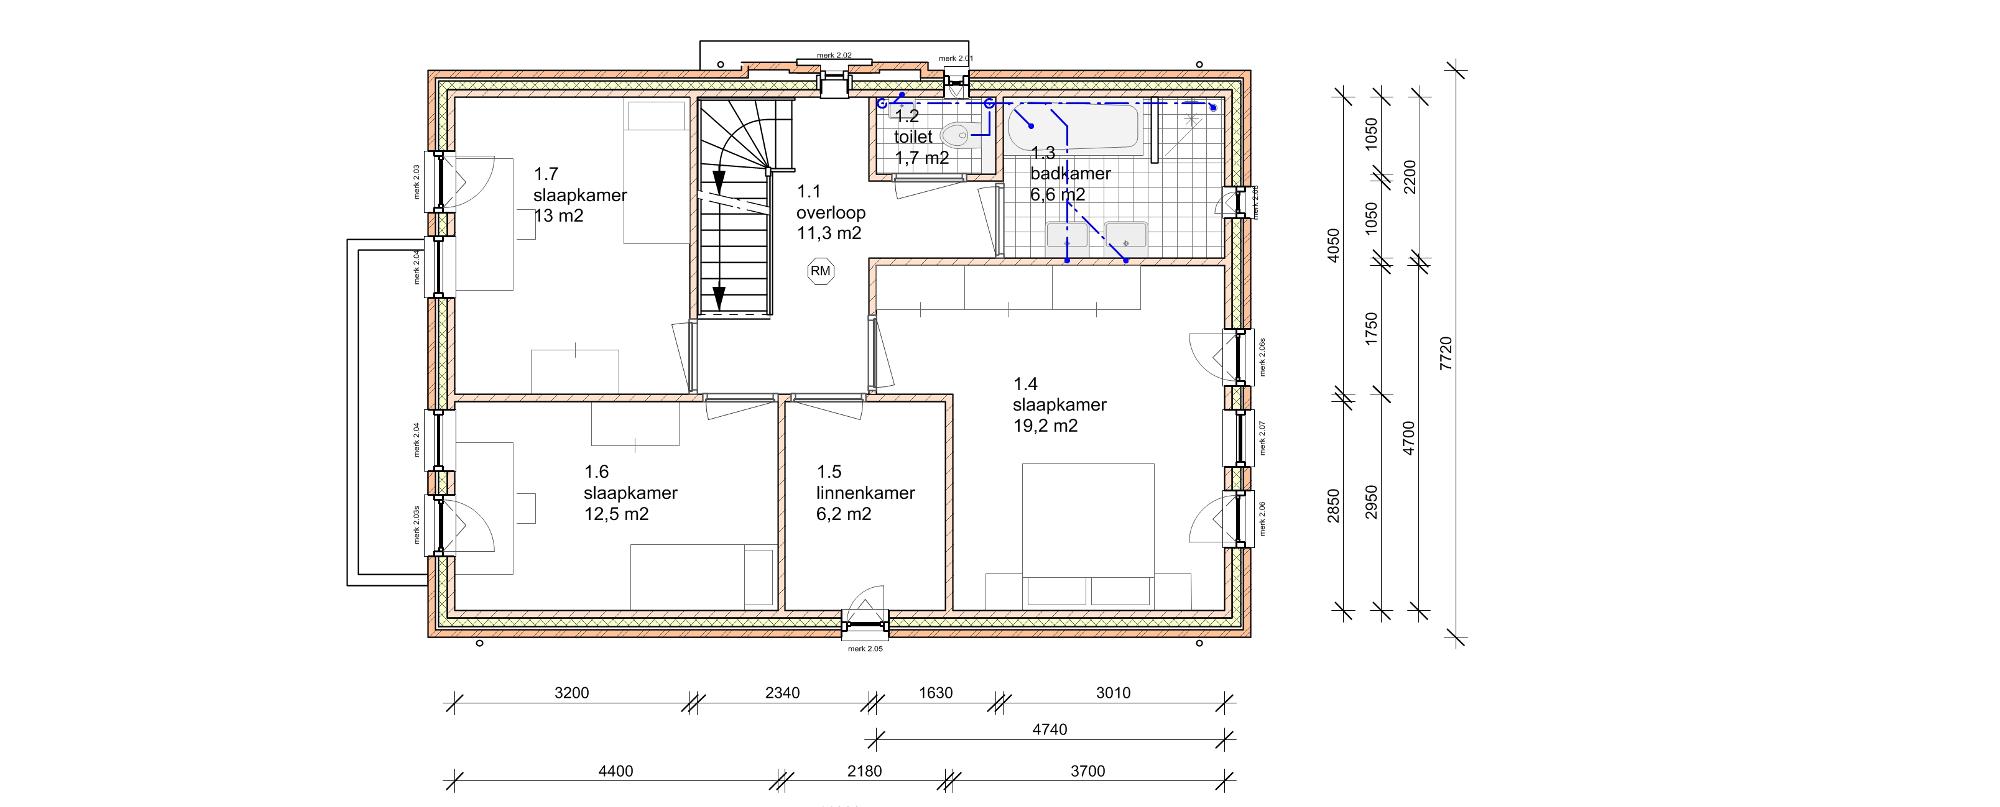 Plattegrond indeling verdieping - Nieuwbouw woonhuis Mr Rijkenstraat Veldhoven - BEELEN CS architecten Eindhoven